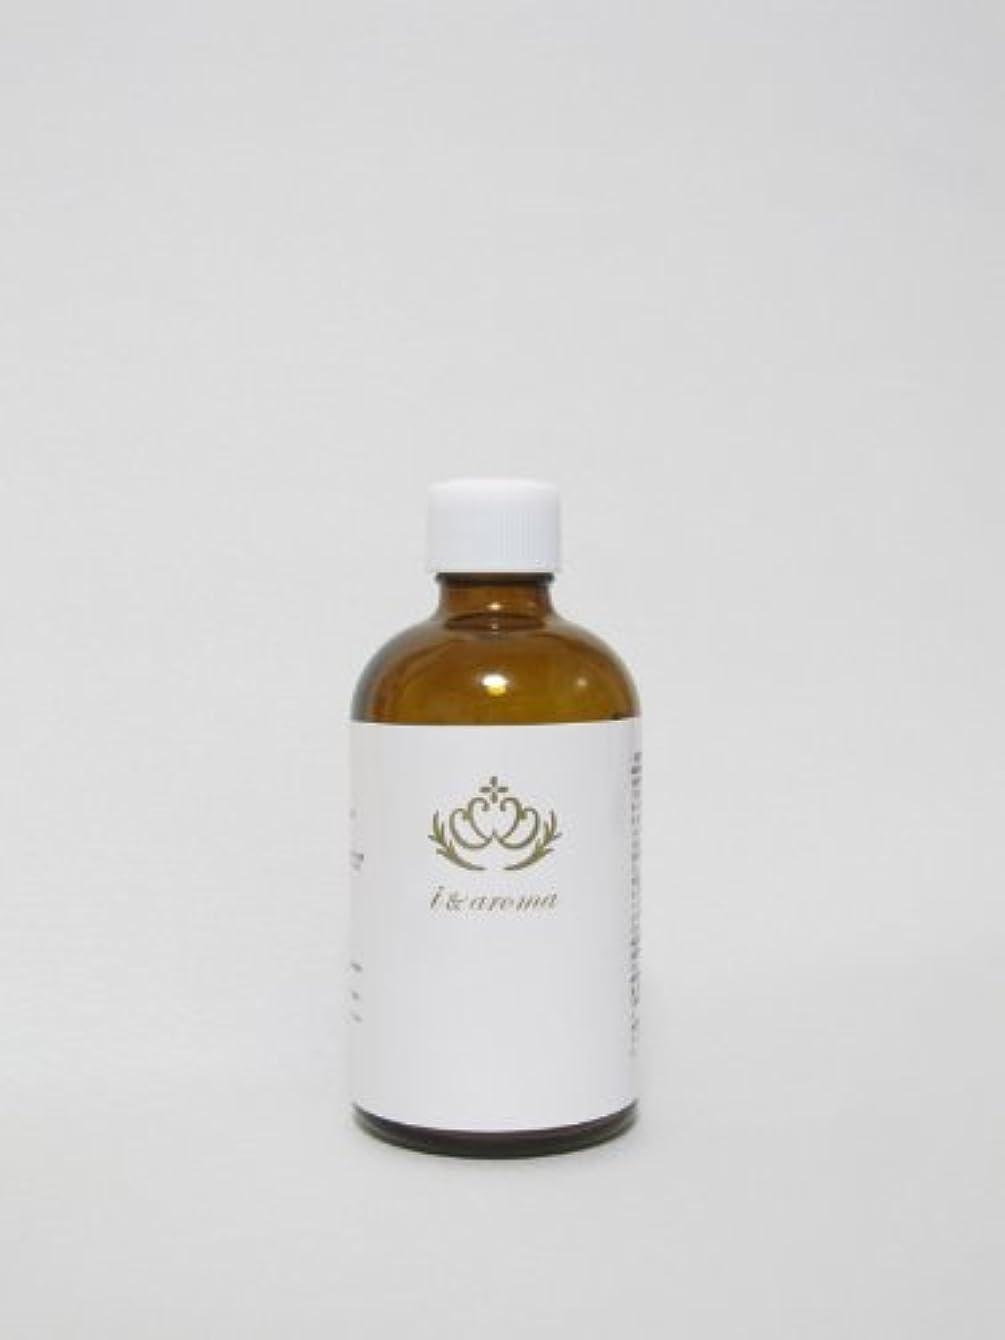 ロウリュ?アウフグース専用 100%天然アロマオイル 【さわやかリフレッシュ】 (スィートオレンジ)